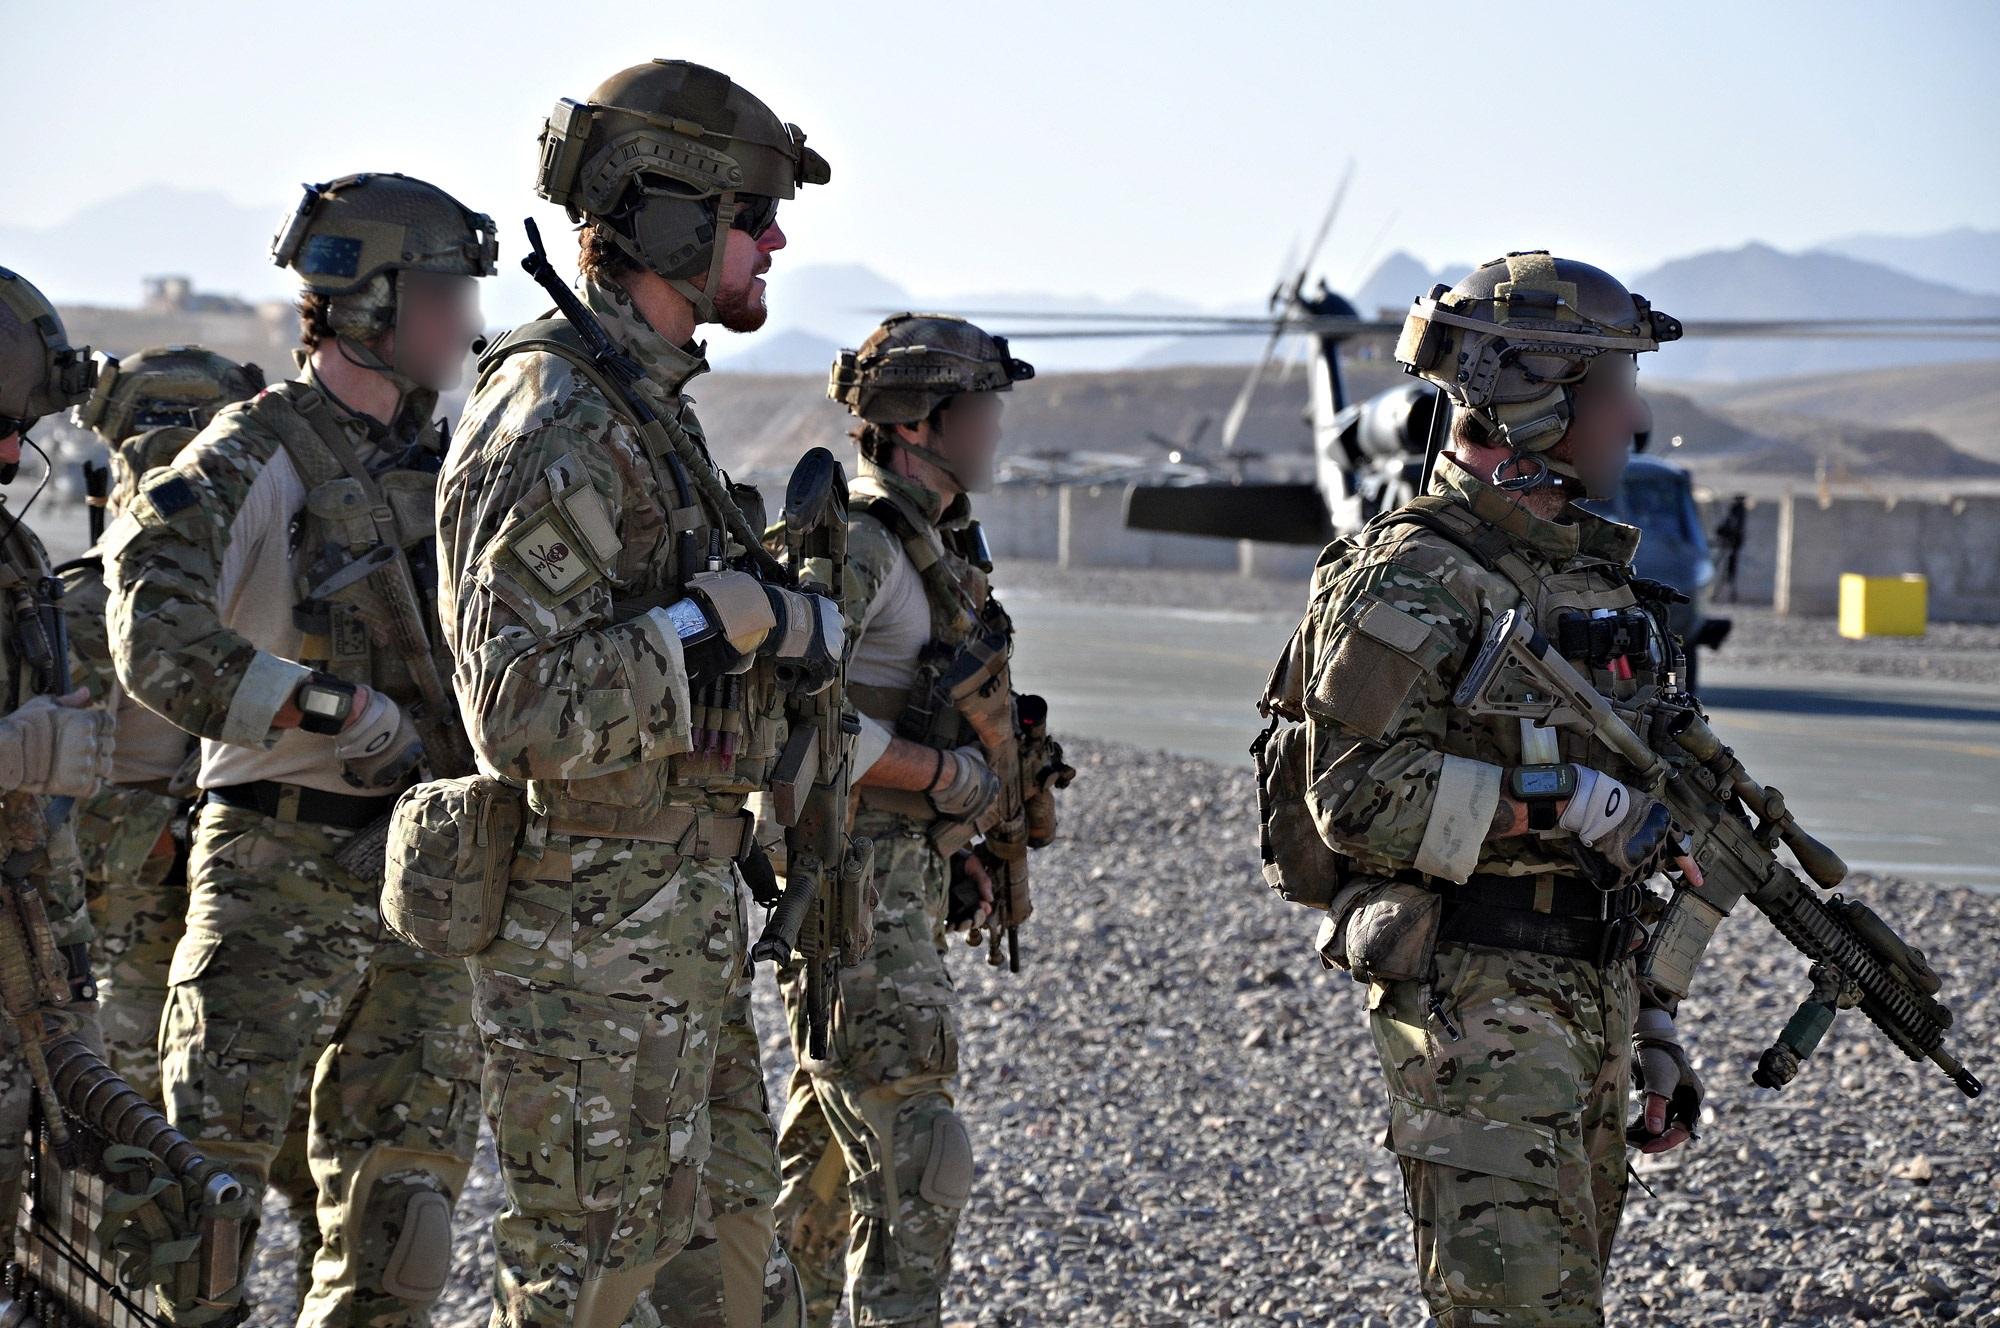 القوات الخاصة البريطانية تدرس خطة لاستهداف المصالح الروسية في سوريا